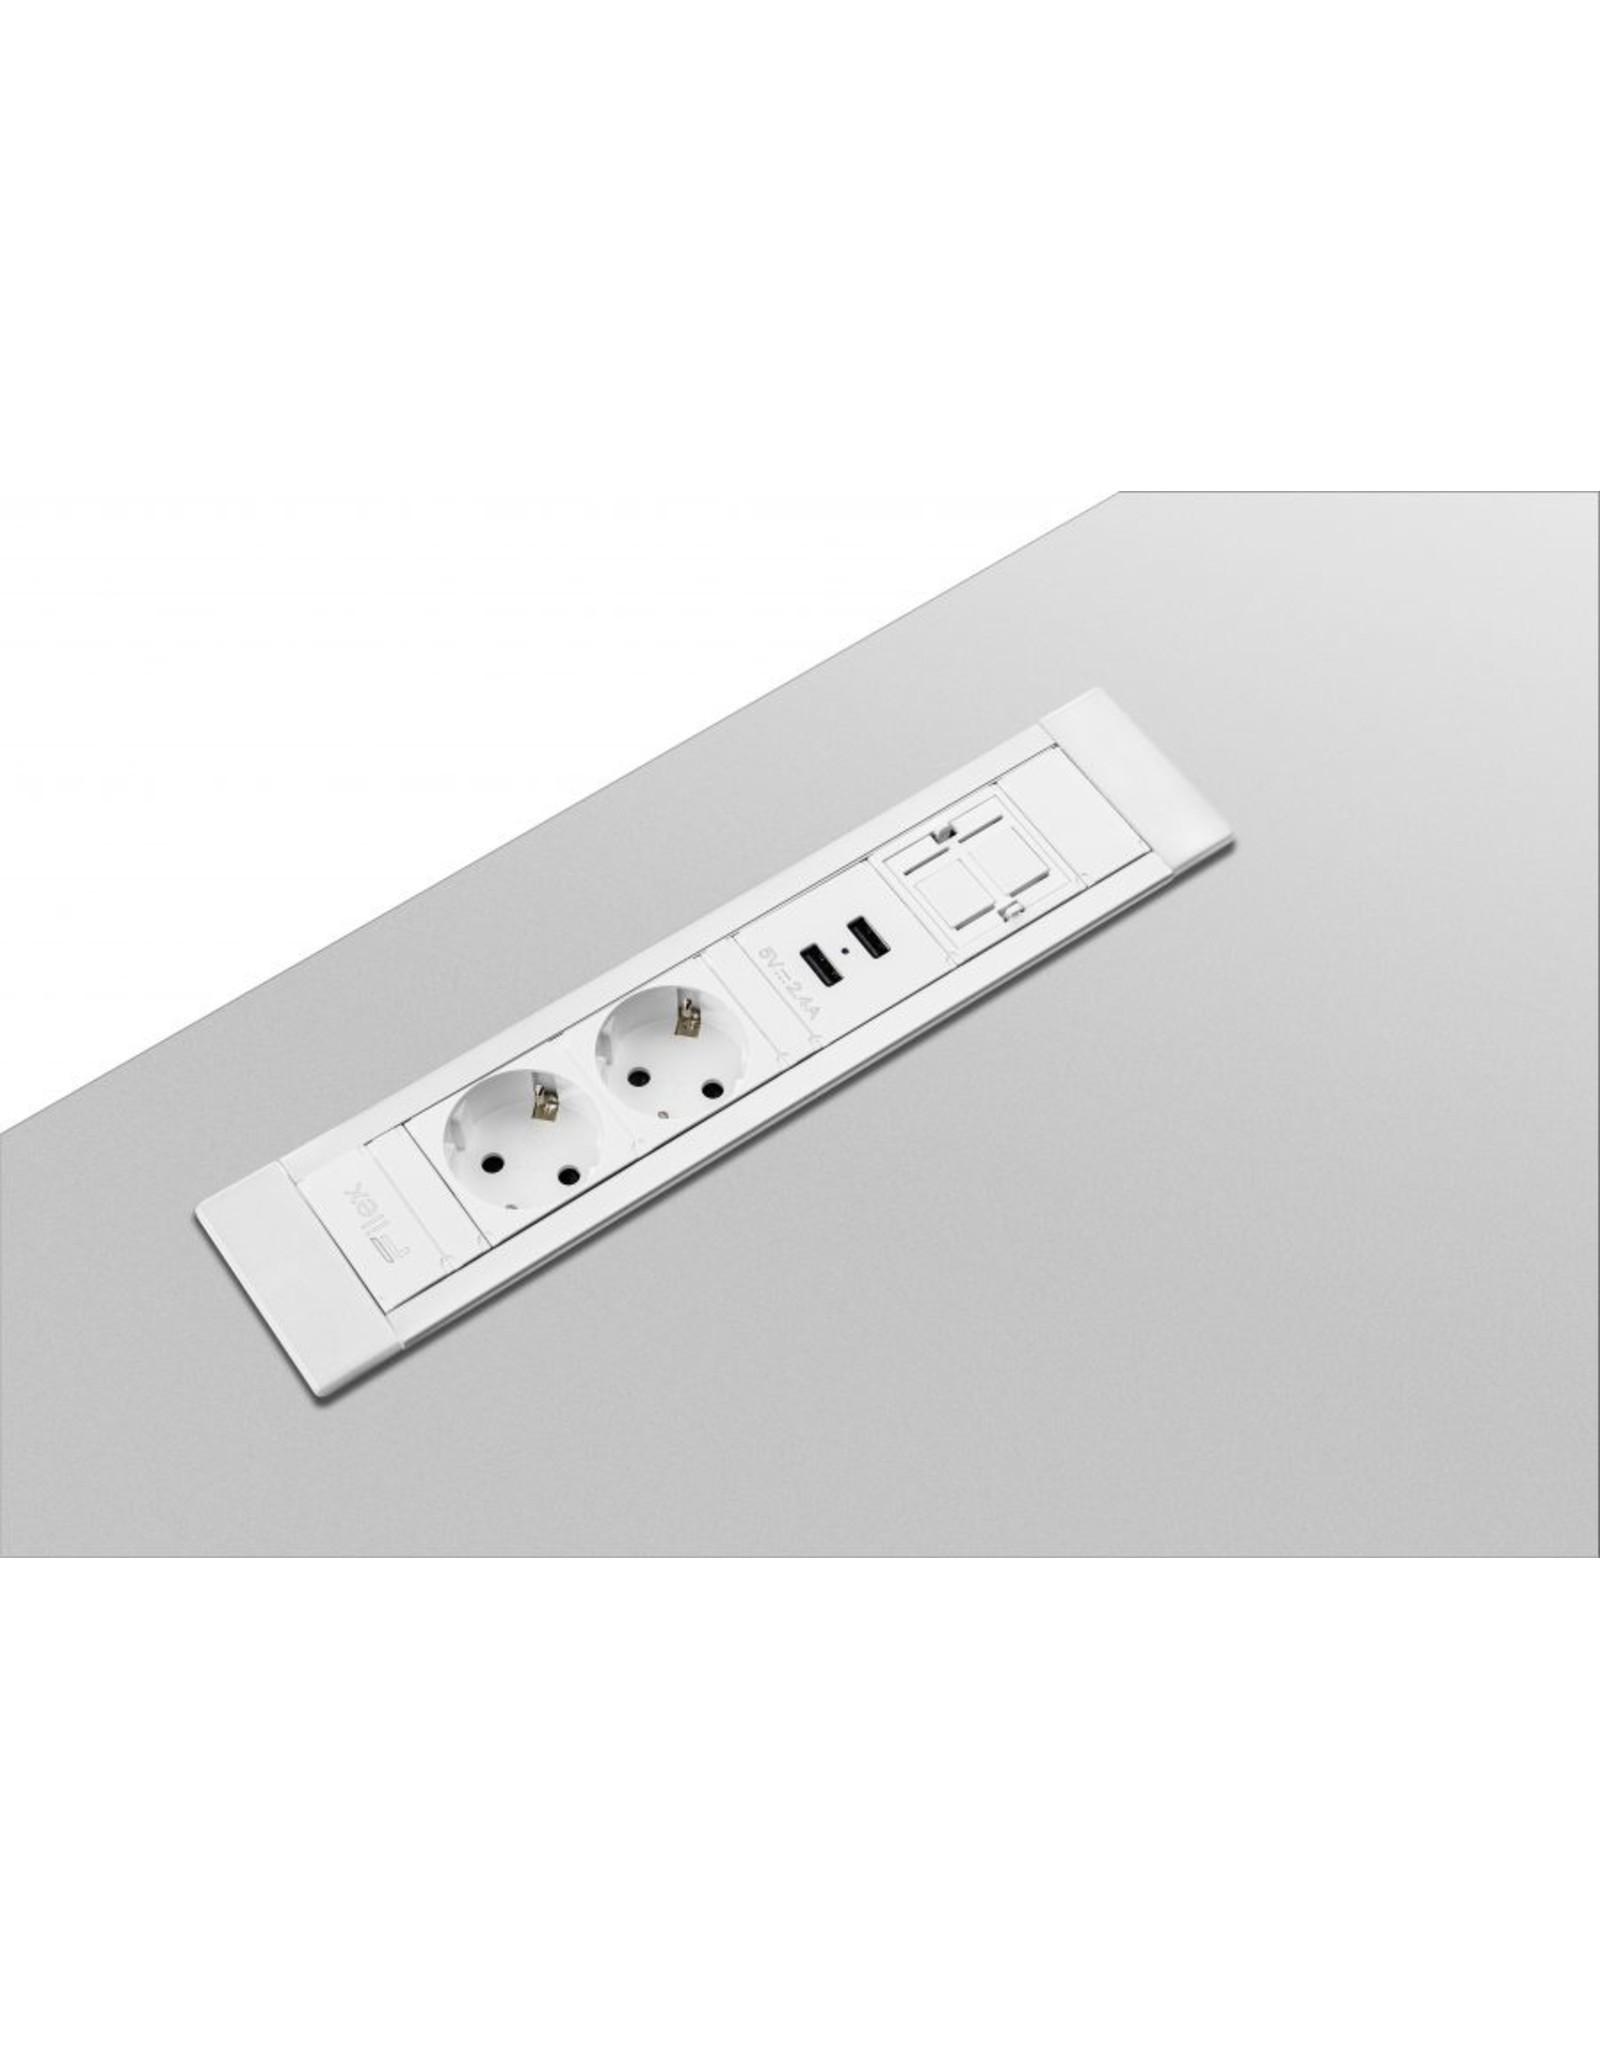 Ergo Power Desk Insert - 2x 230V - 2x USB charger - 1x Keystone